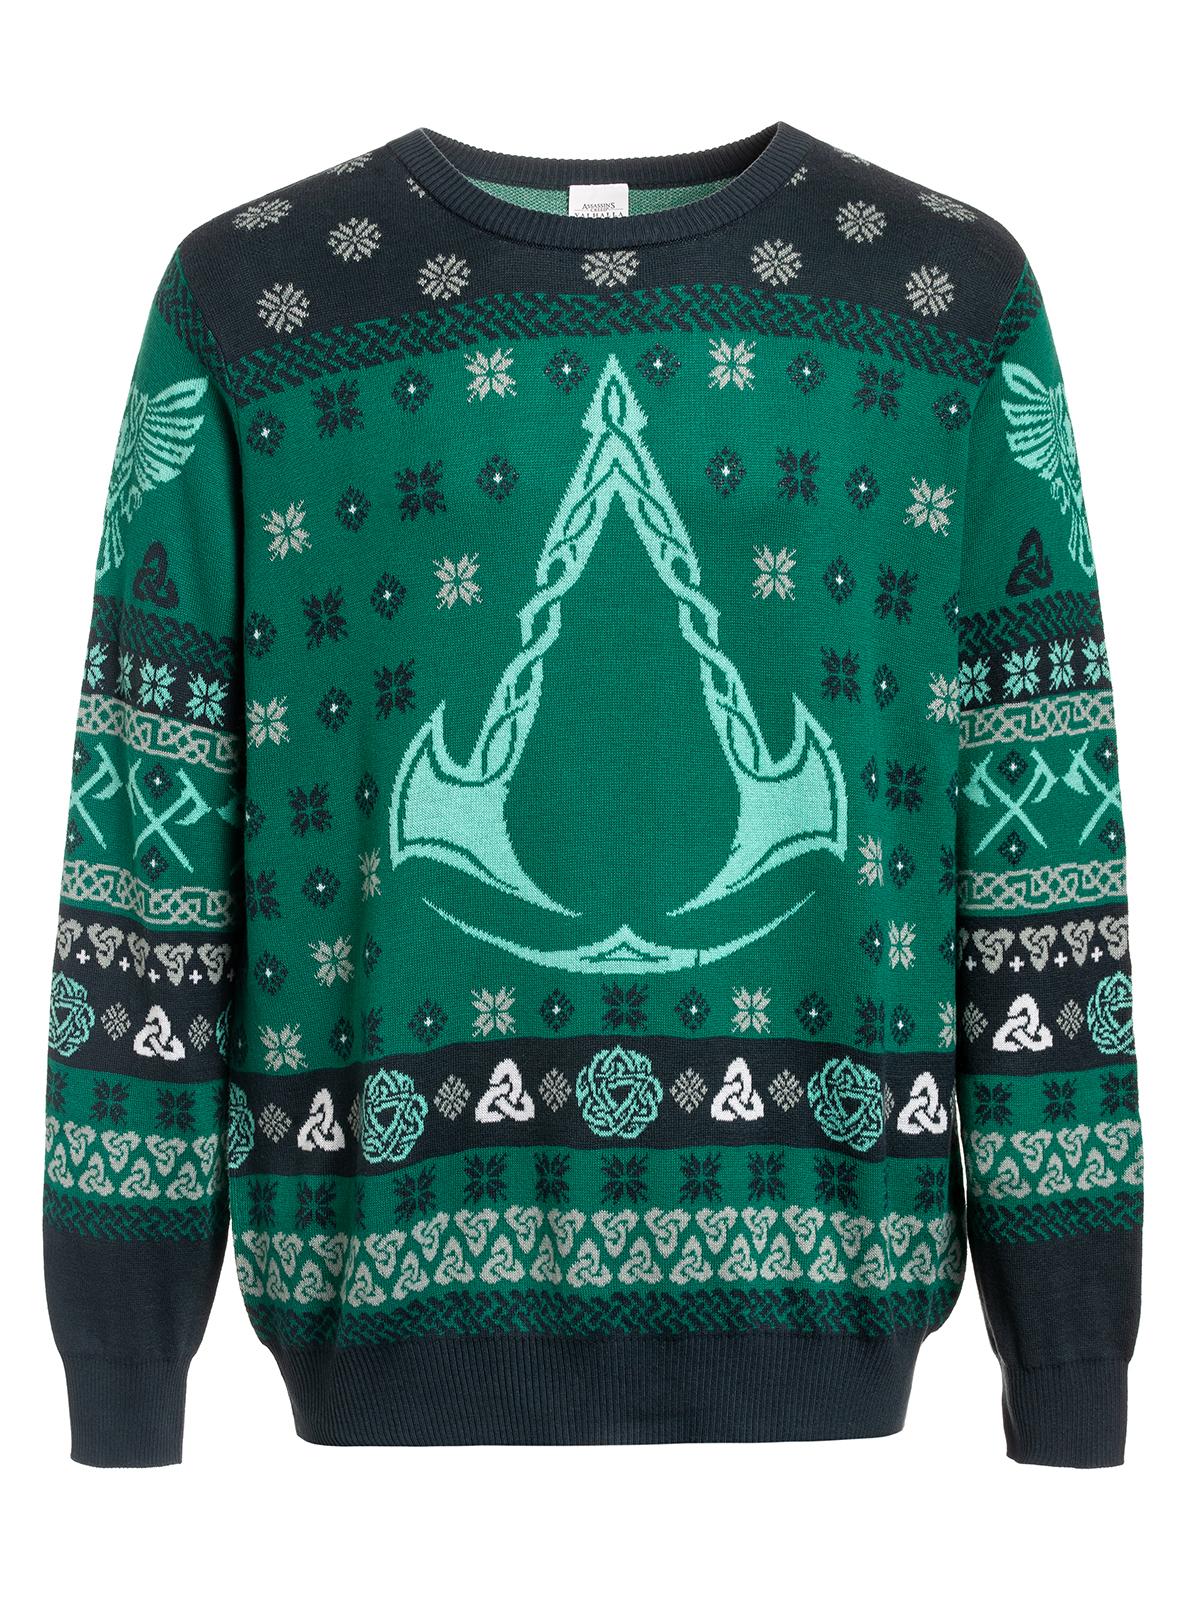 Des assassins creed Pull Tricoté Noël votre direction symbole